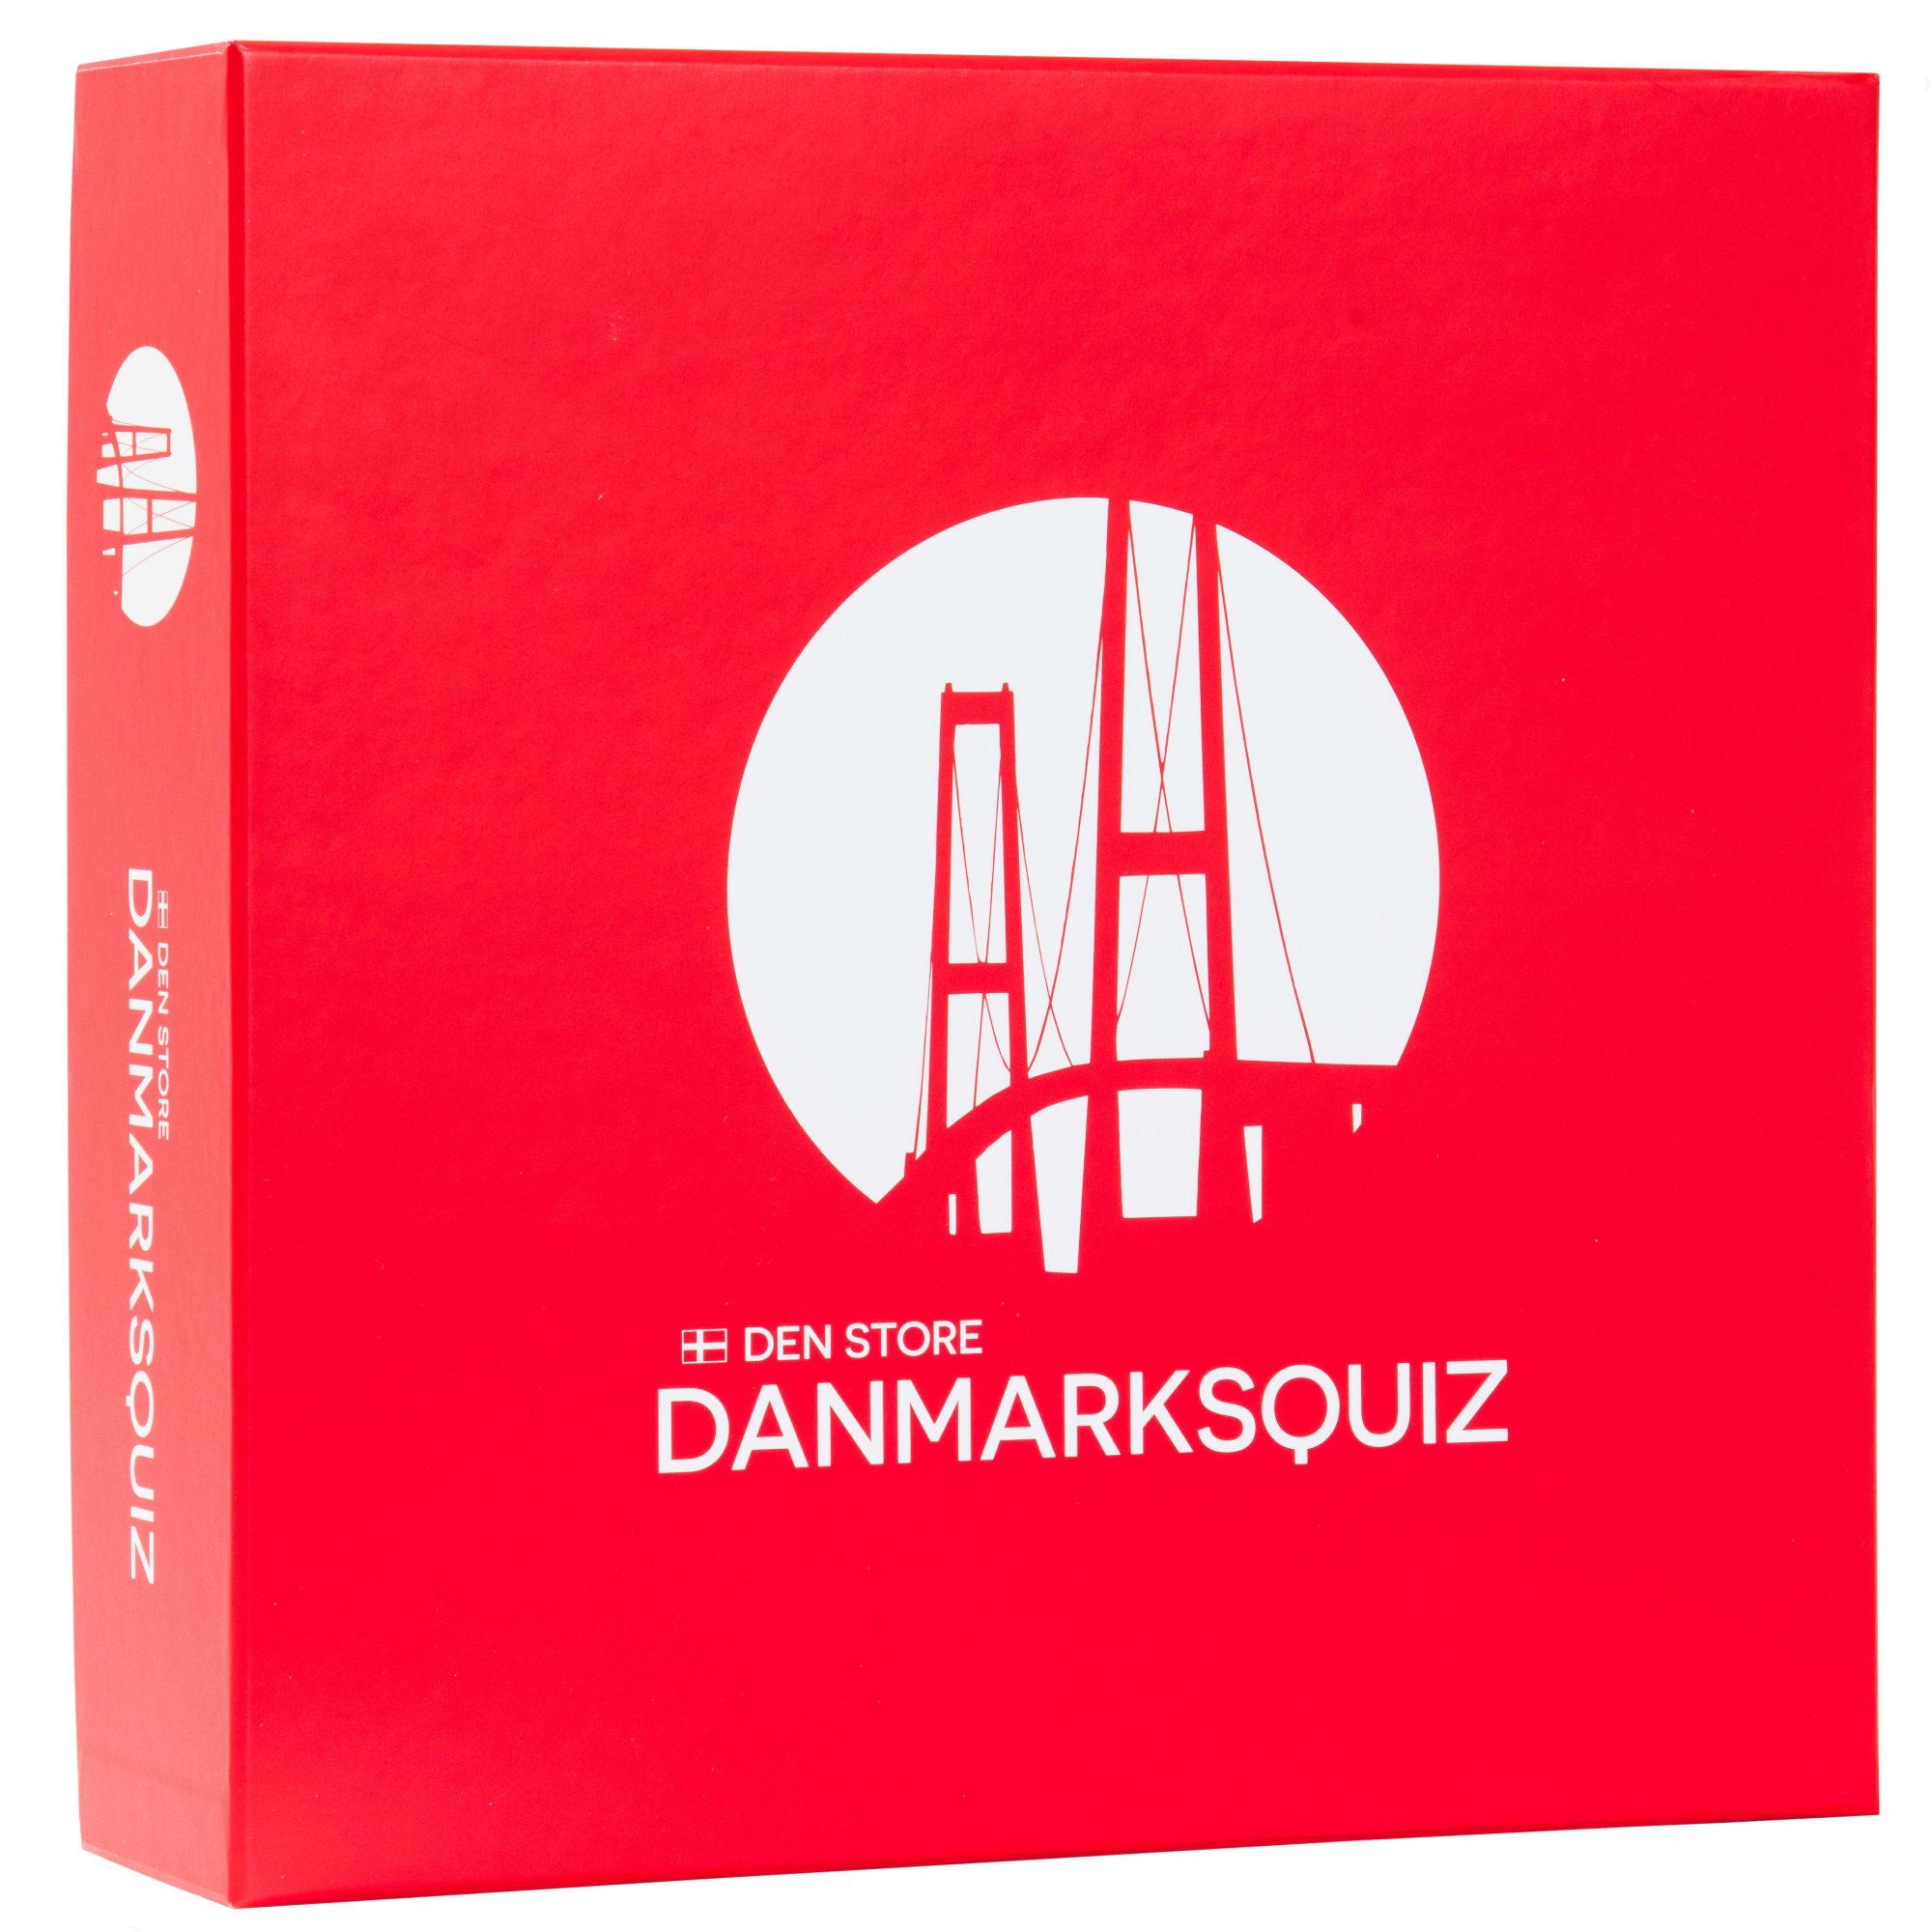 Klassisk quizspil med 1800 spørgsmål om Danmark